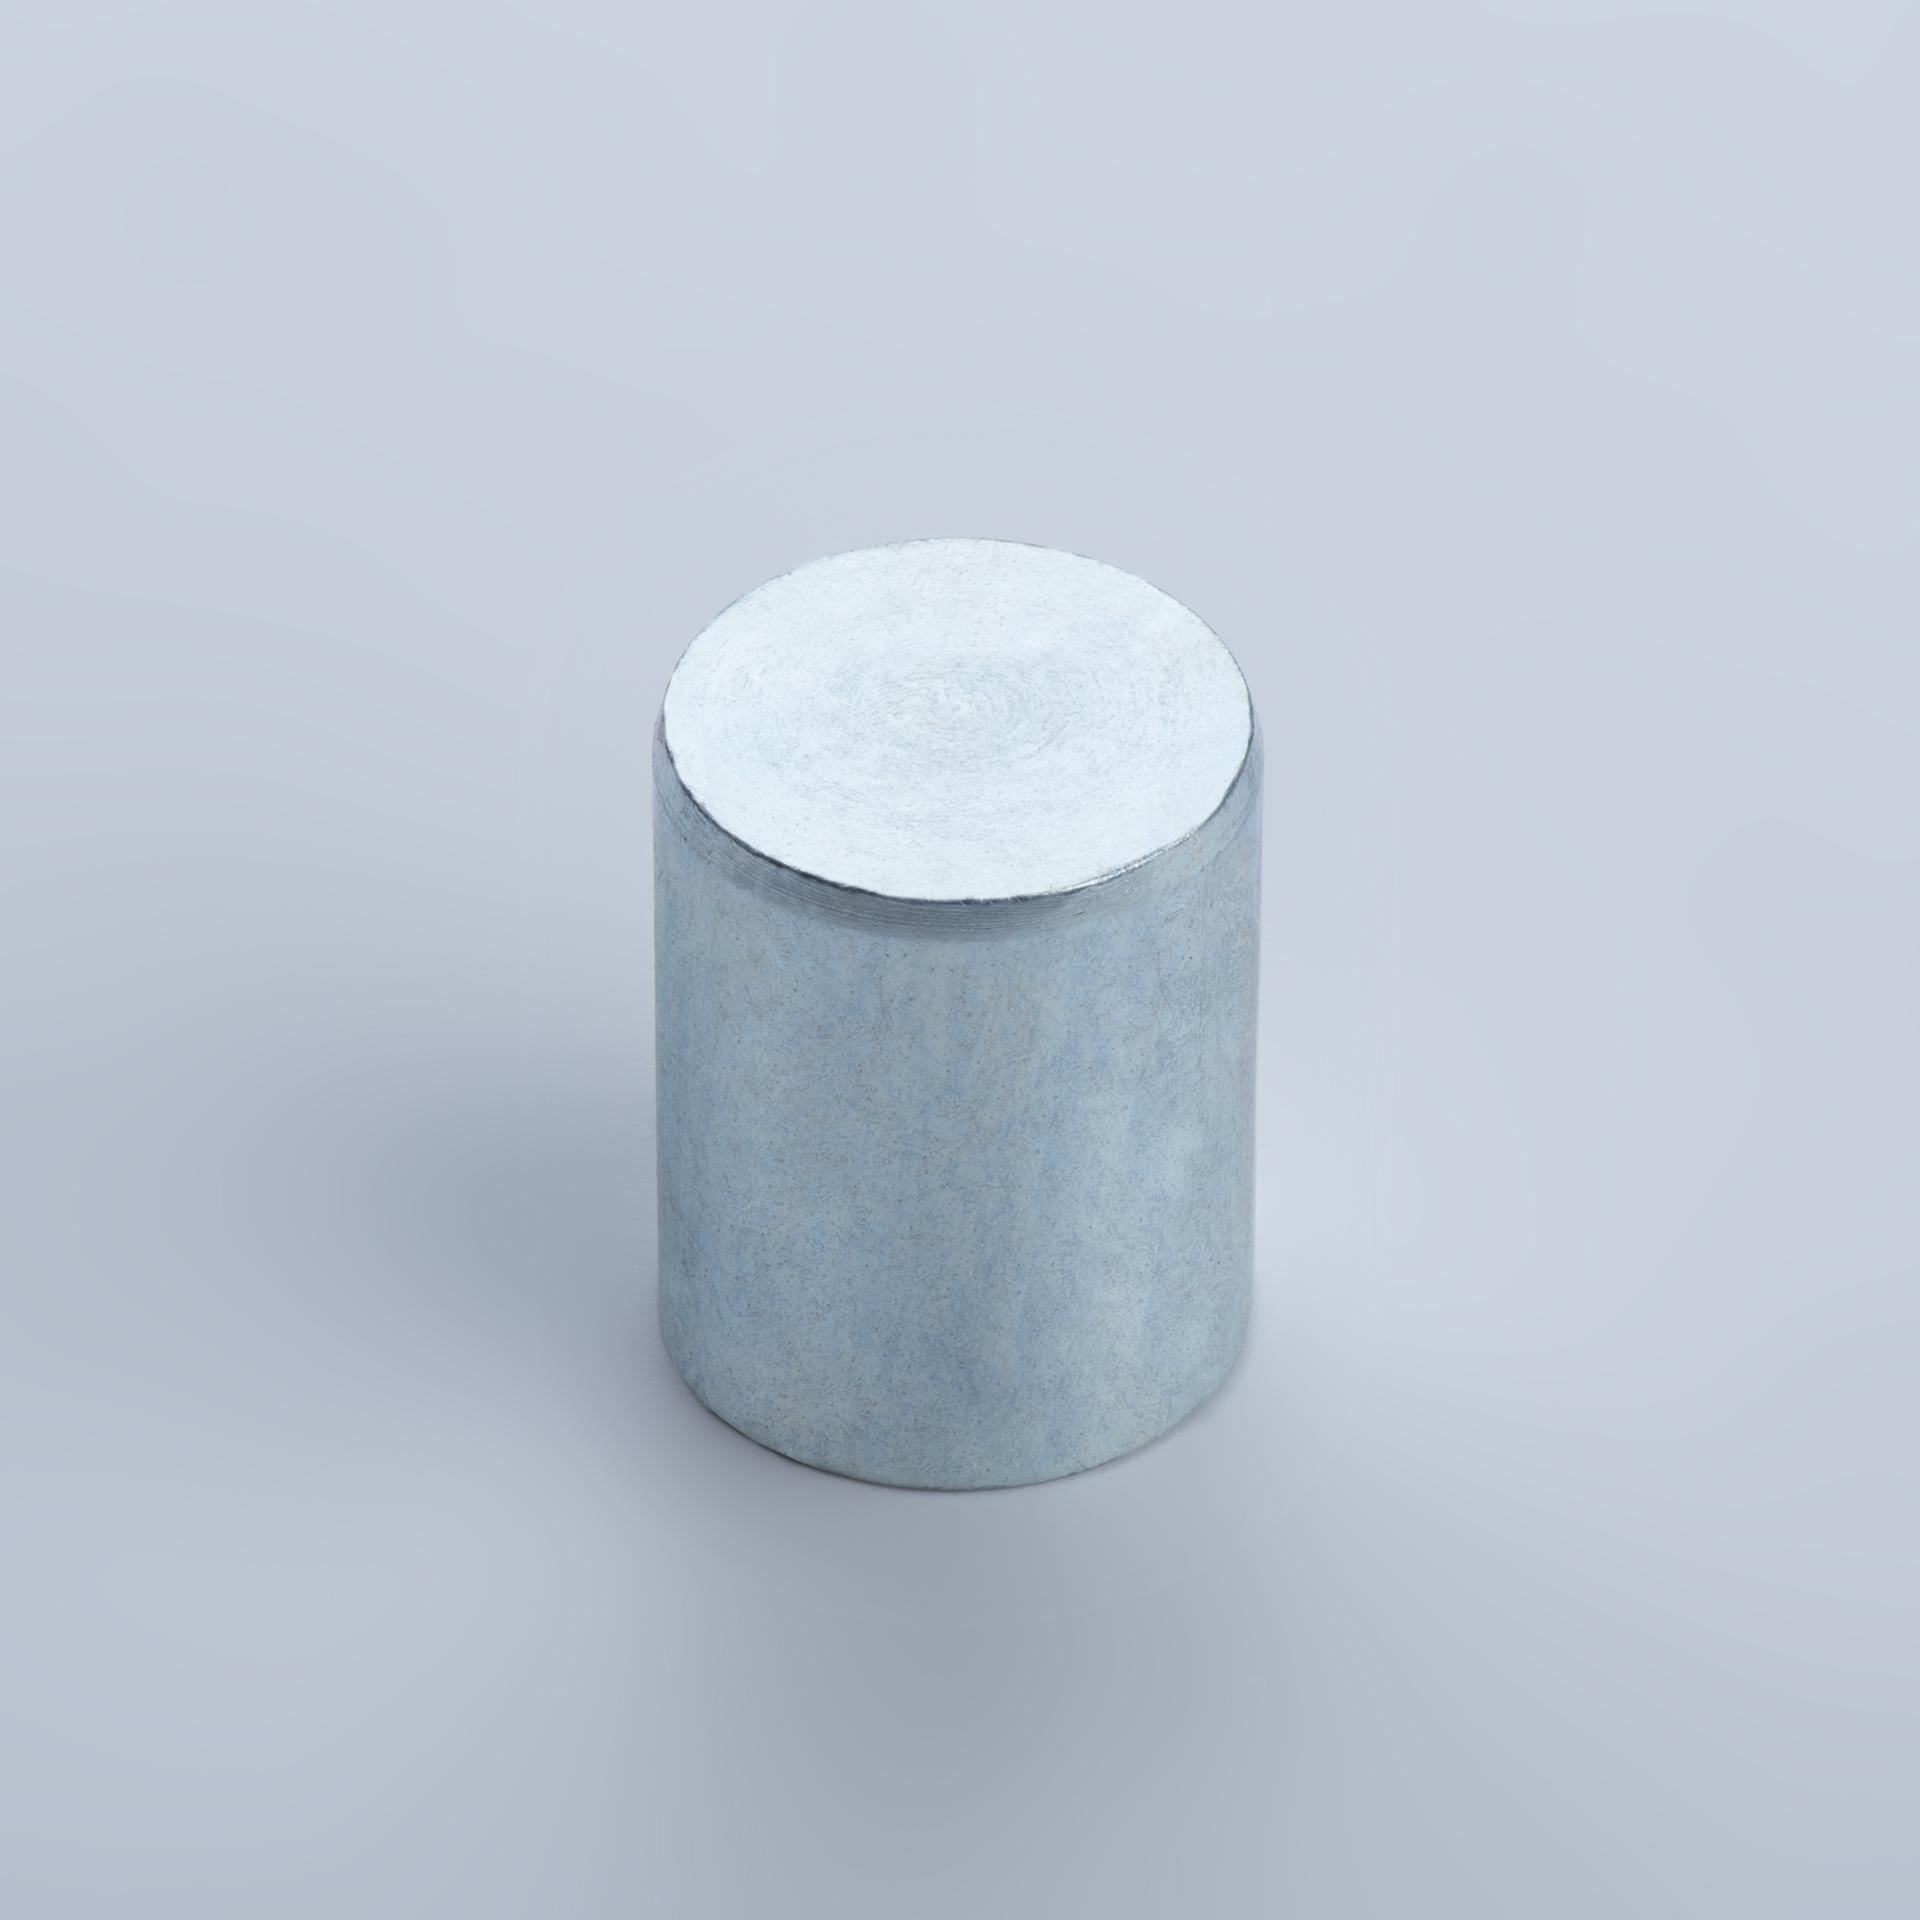 Stabgreifer aus Neodym, Stahlgehäuse mit Passungstoleranz h6, verzinkt, thyssenkrupp Magnettechnik